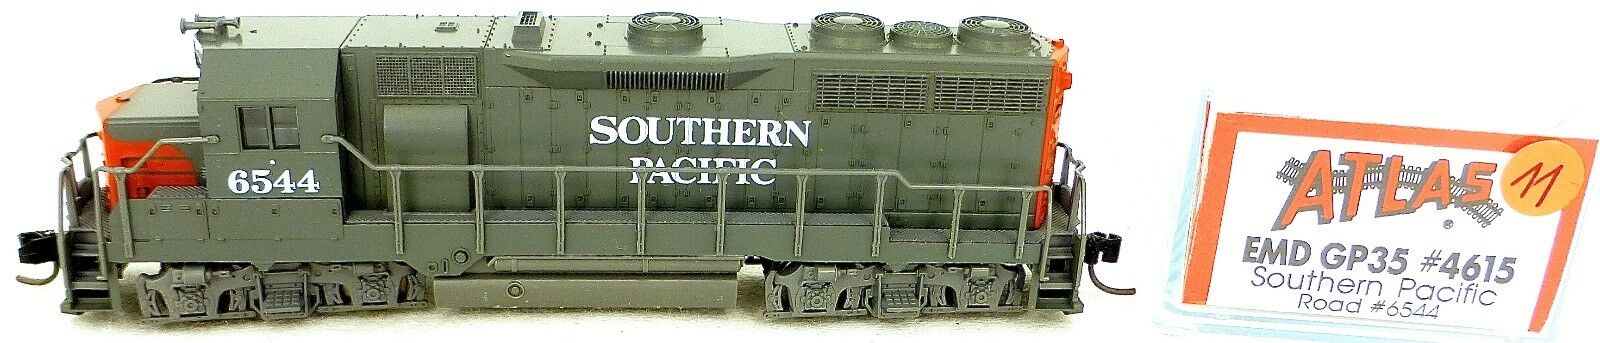 Atlas 4615 Kato EMD GP35 Southern Pacific 6544 Locomotive Diesel N 1 160 Ω11 Å